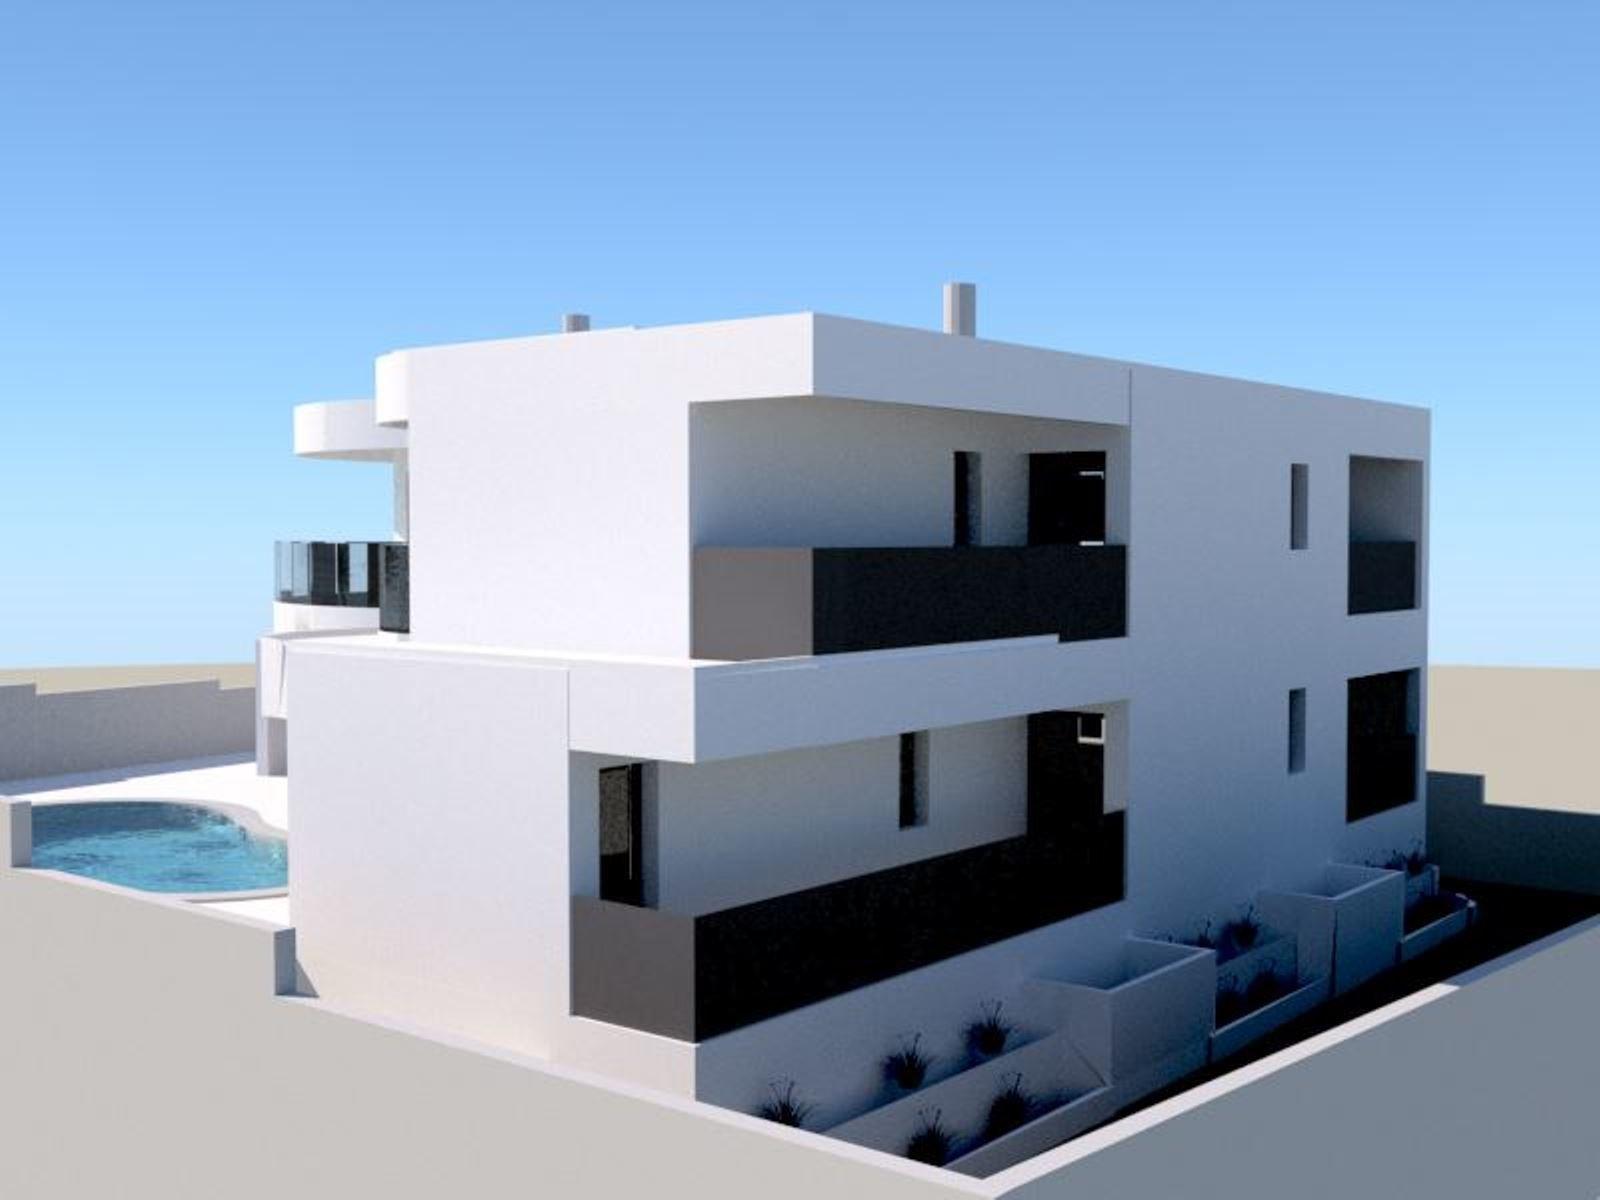 3 Bedroom Villa Lagos, Western Algarve Ref: GV606